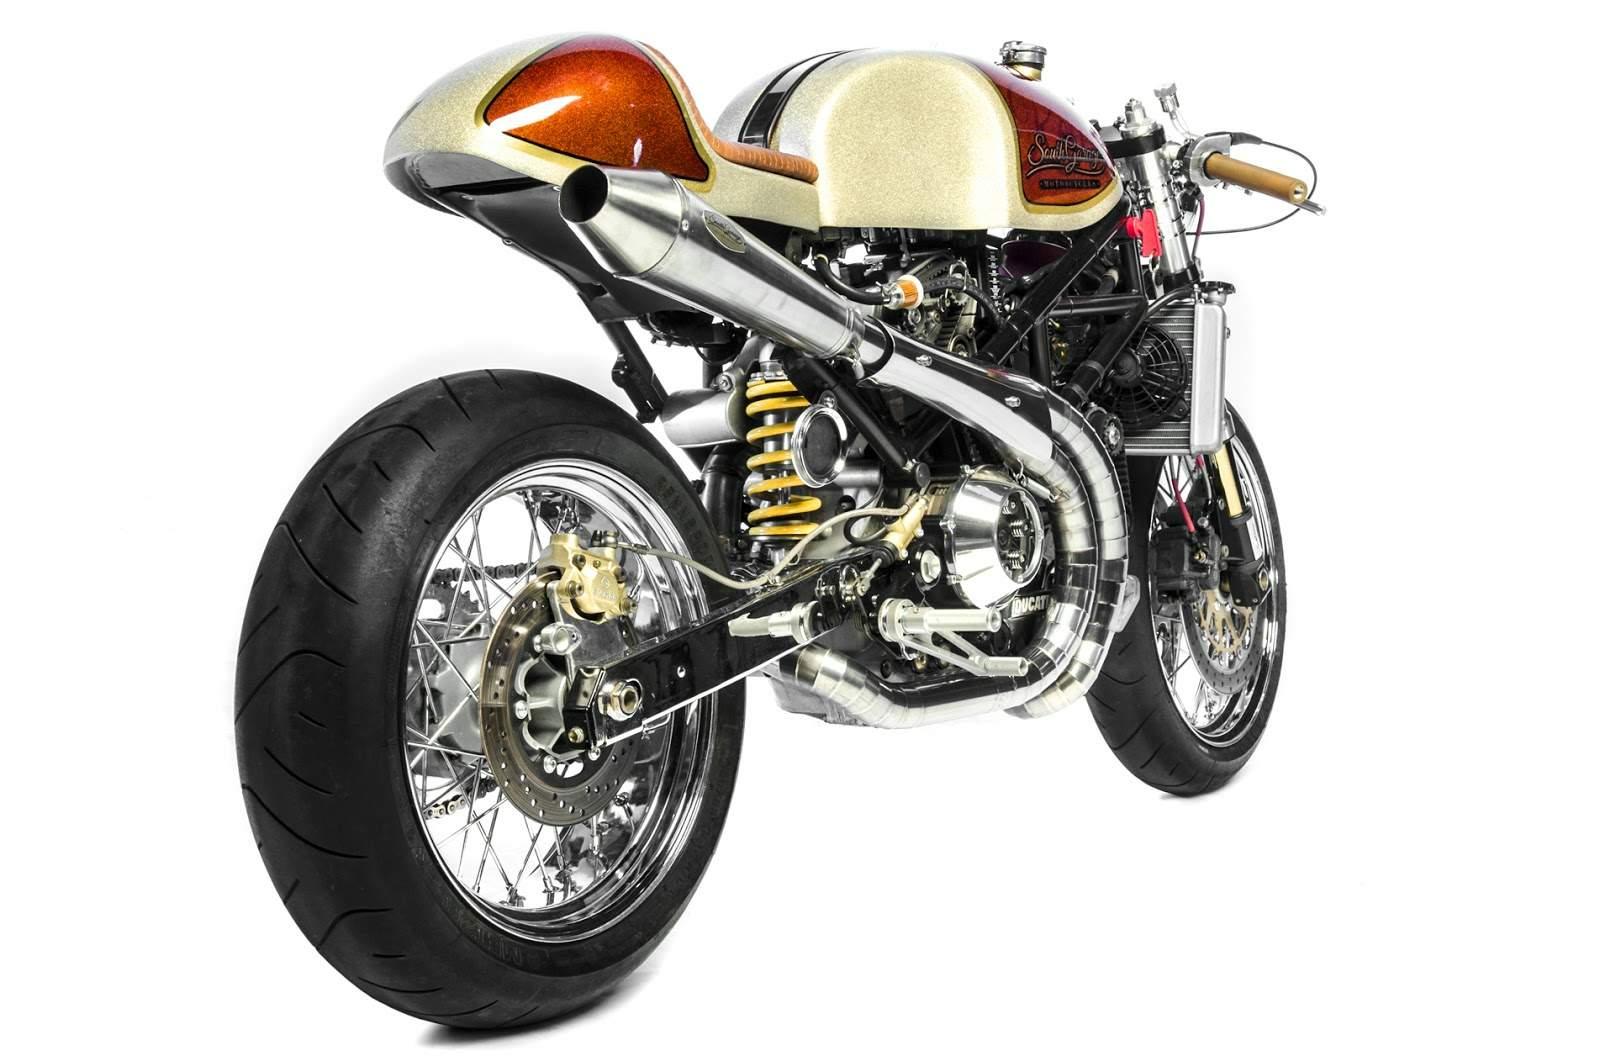 ducati monster s4r cafe racer way2speed. Black Bedroom Furniture Sets. Home Design Ideas